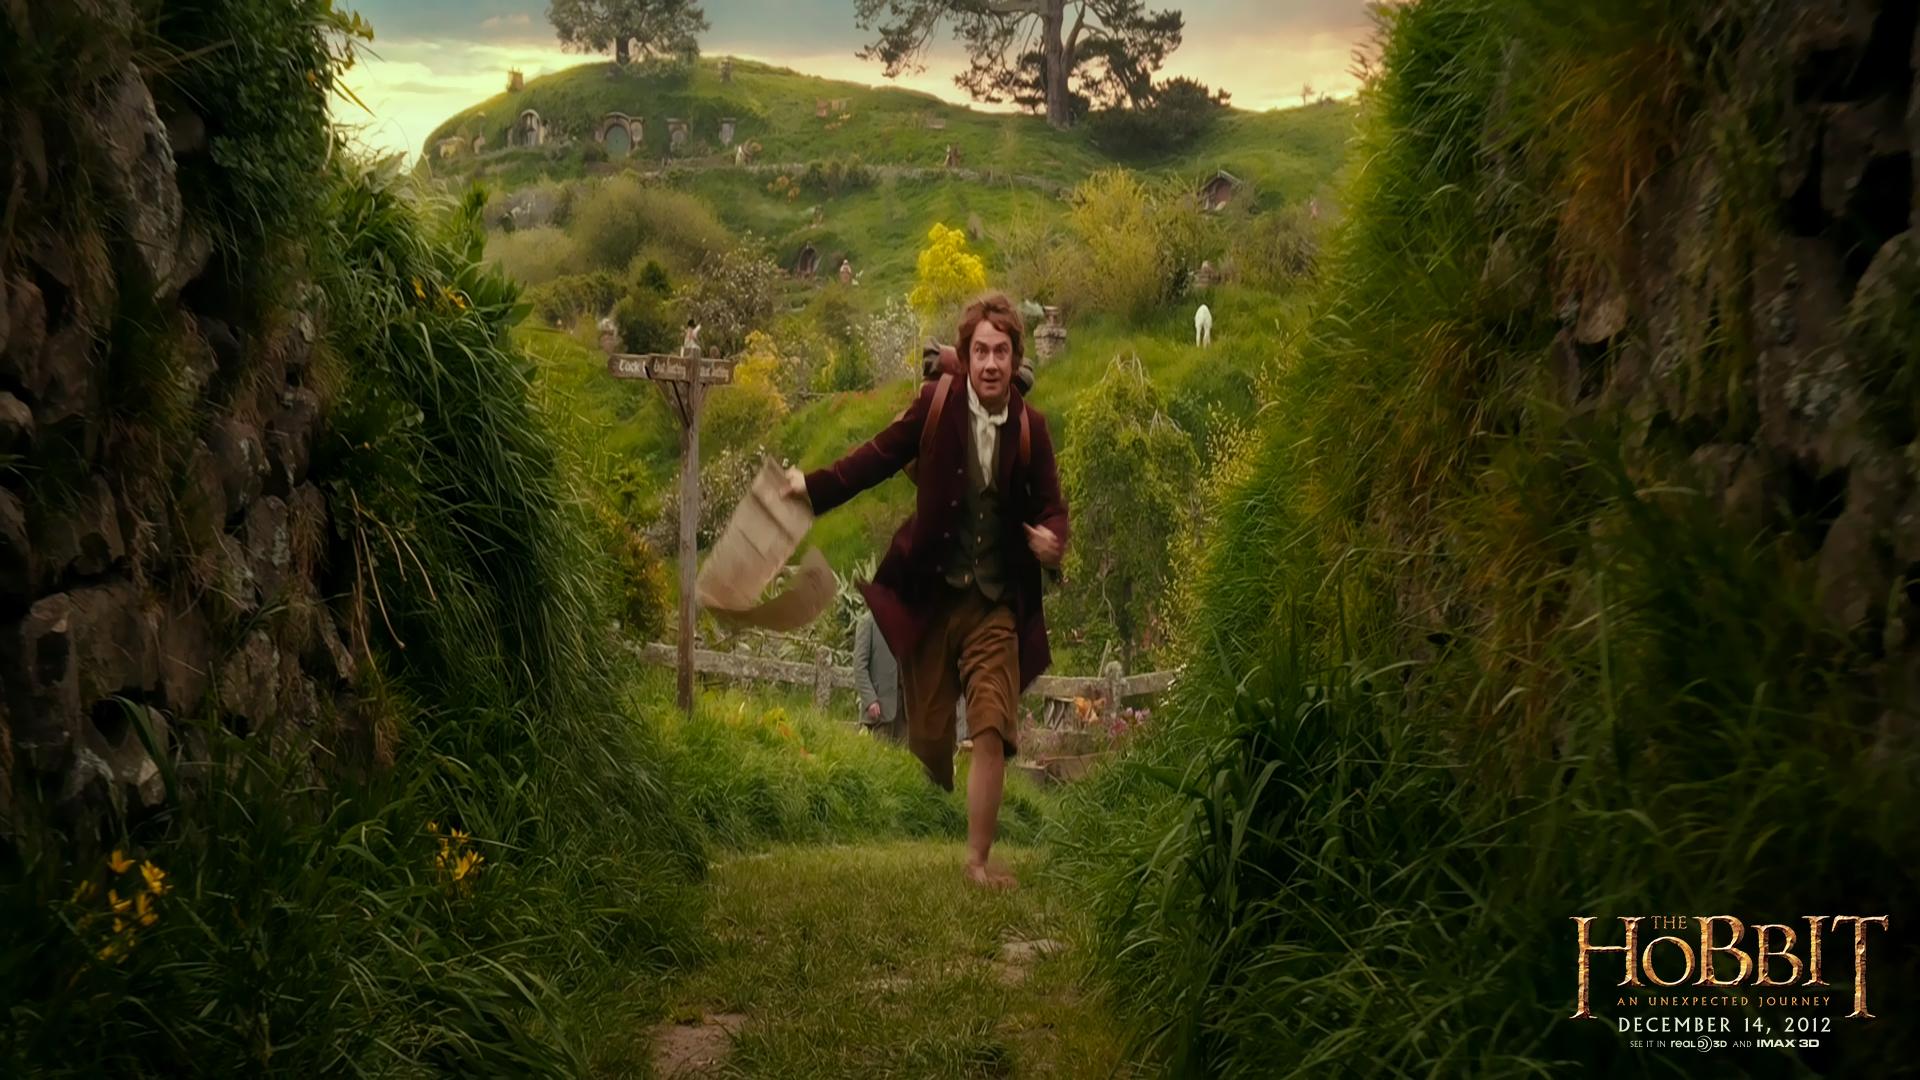 HD ] Wallpapers del Hobbit   Taringa 1920x1080